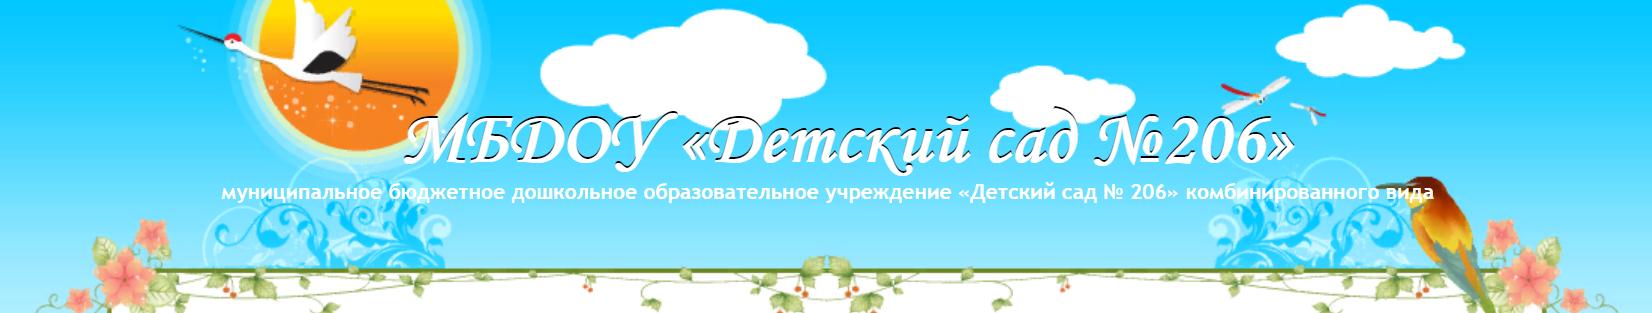 МБДОУ «Детский сад №206»